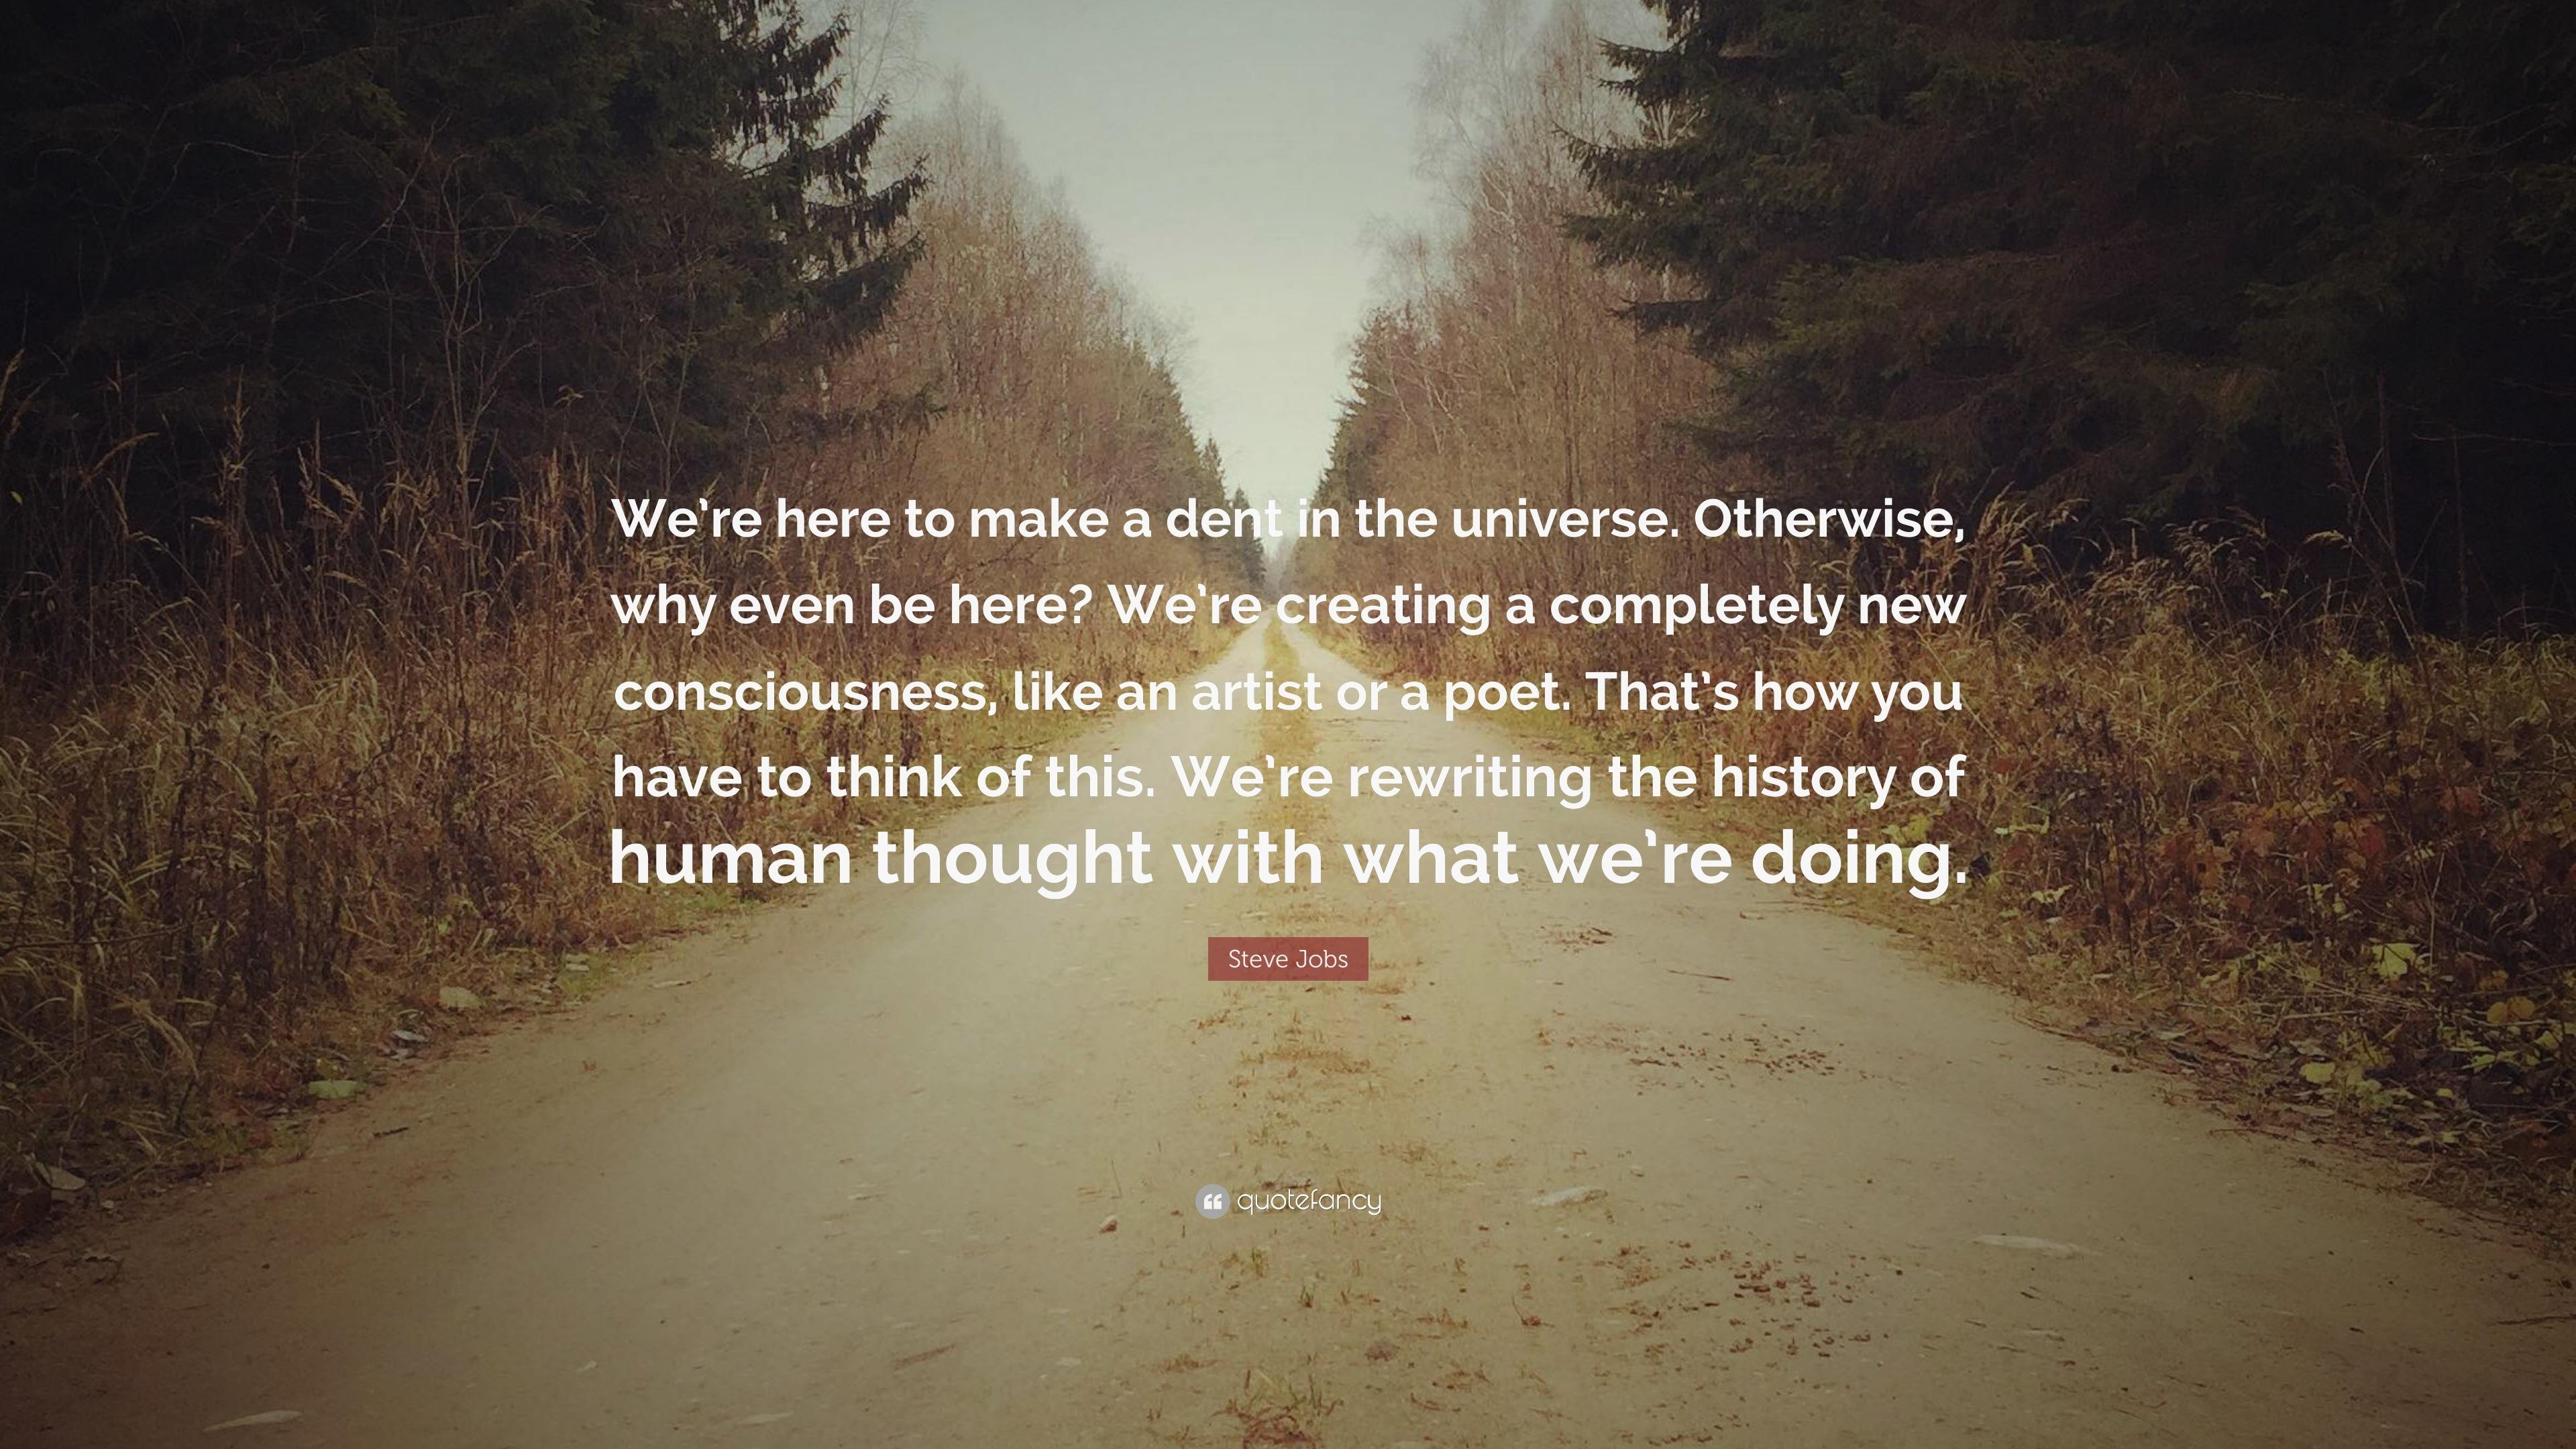 Steve Jobs Quotes (100 wallpapers) - Quotefancy